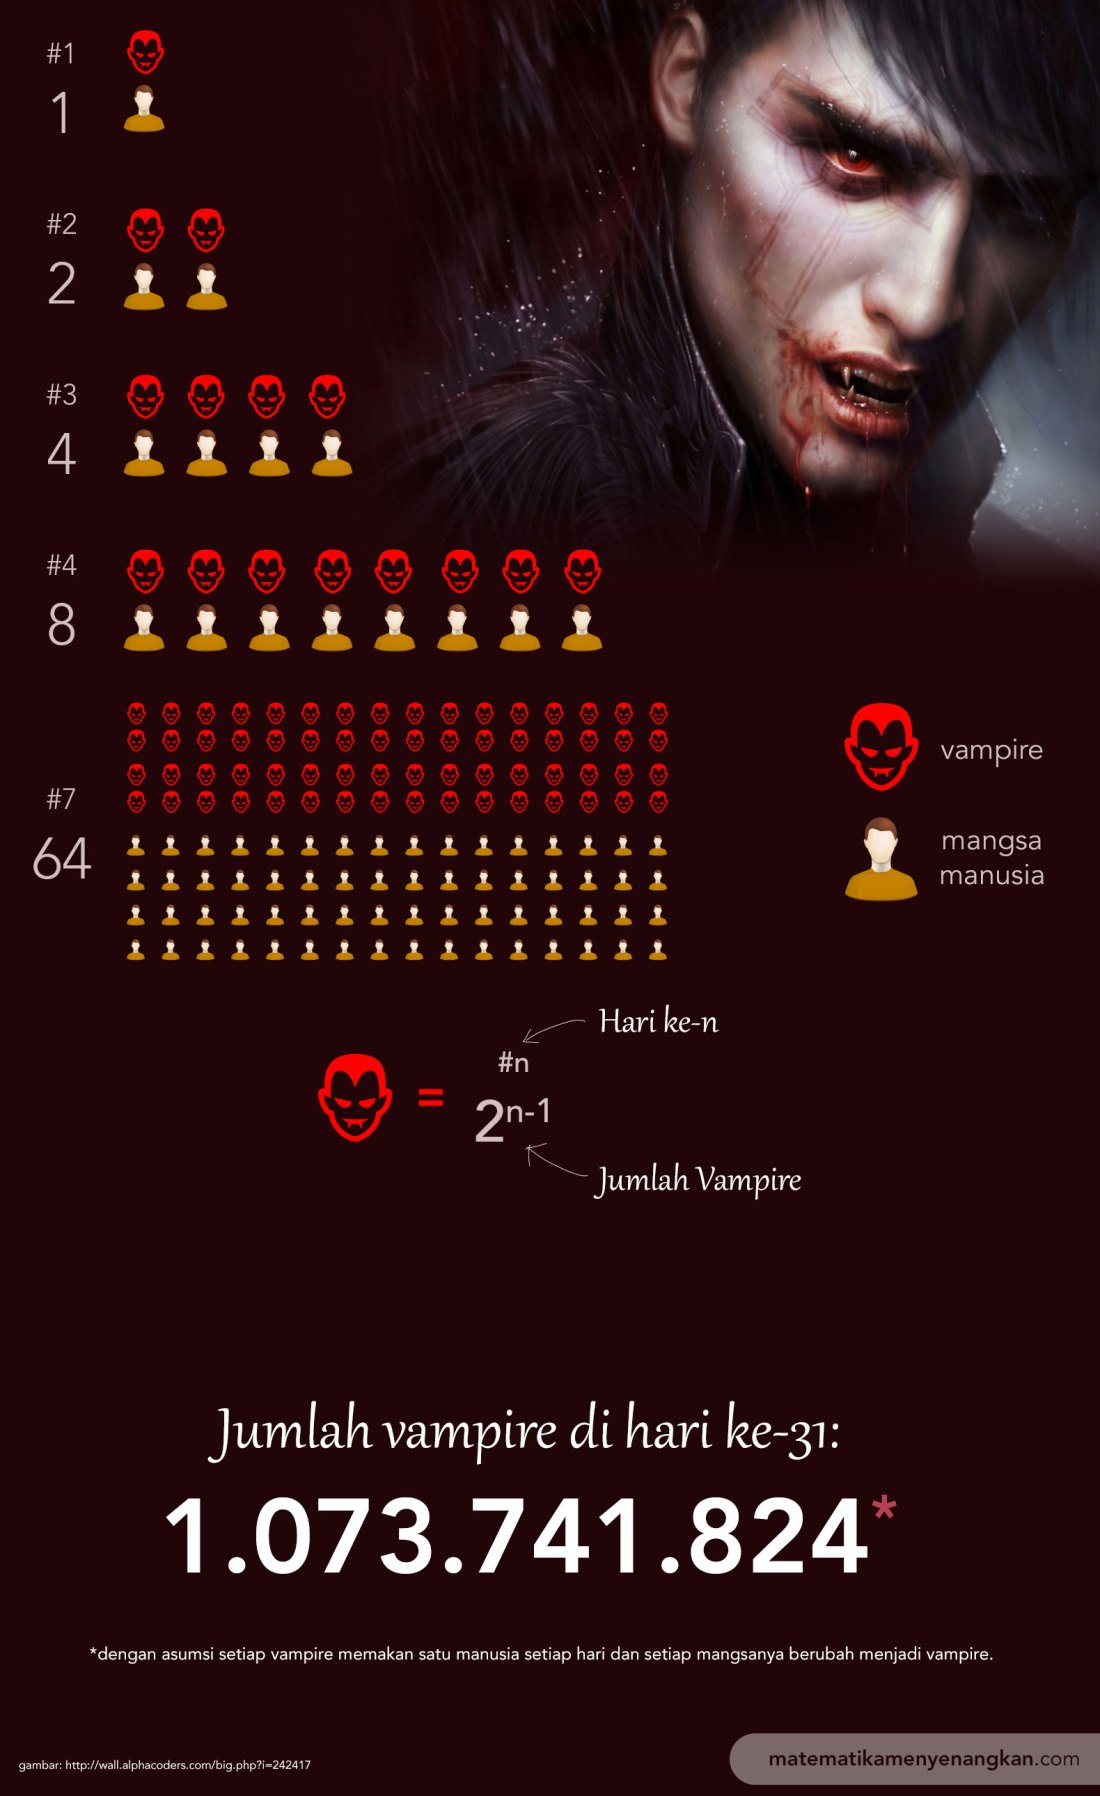 Populasi vampire di dunia.